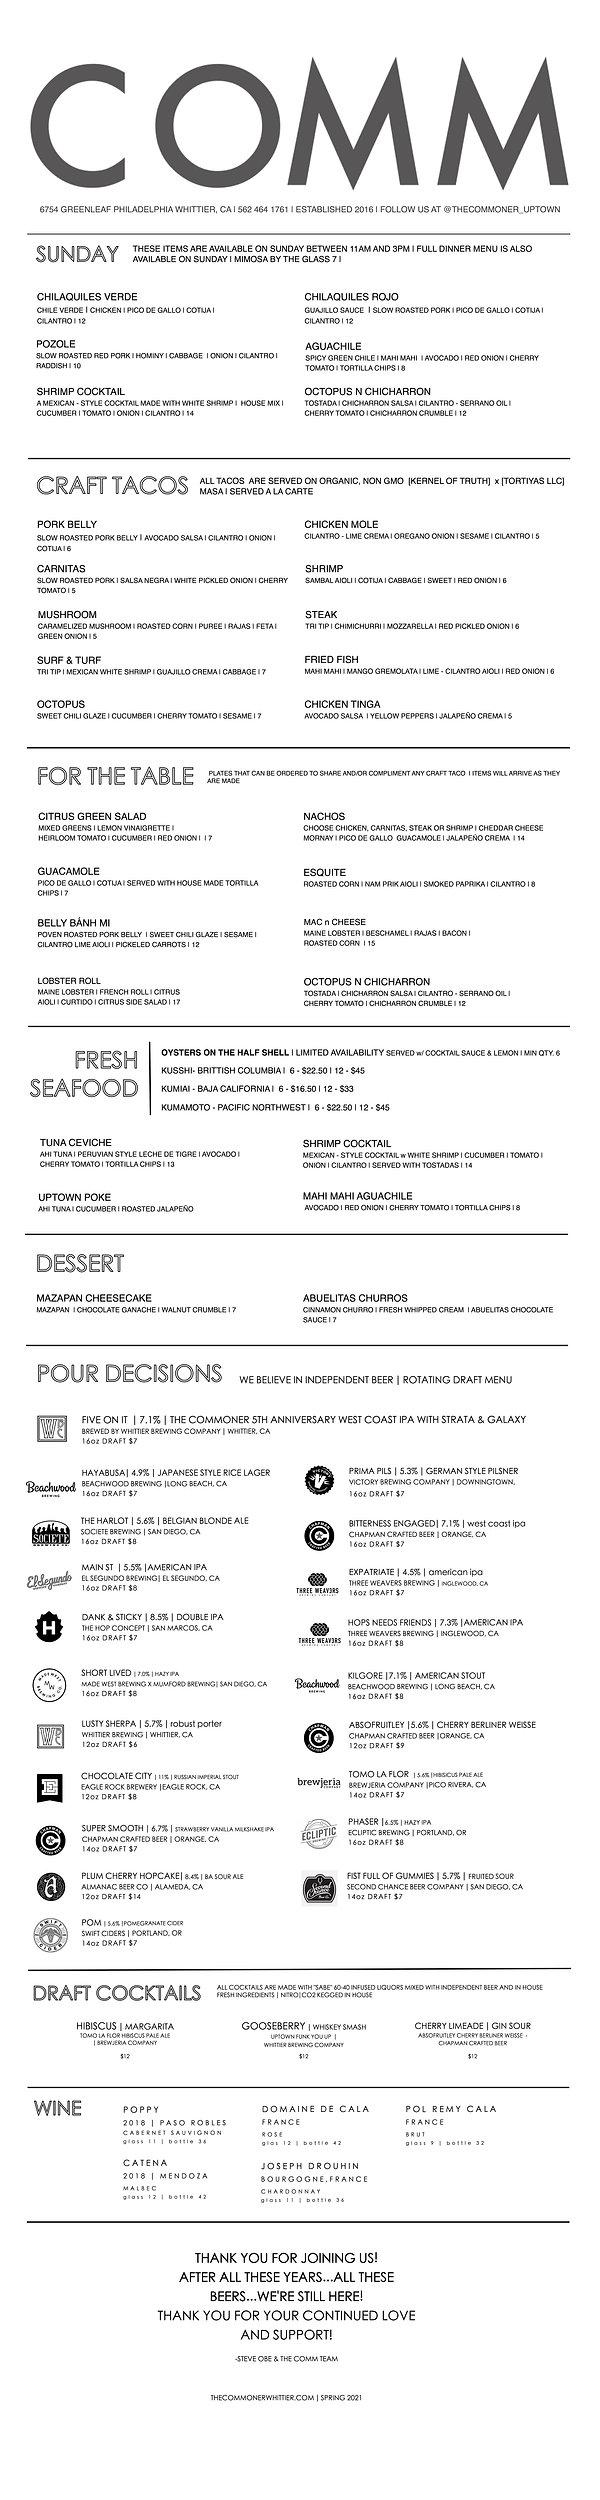 QR BEER AND FOOD 062221.jpg